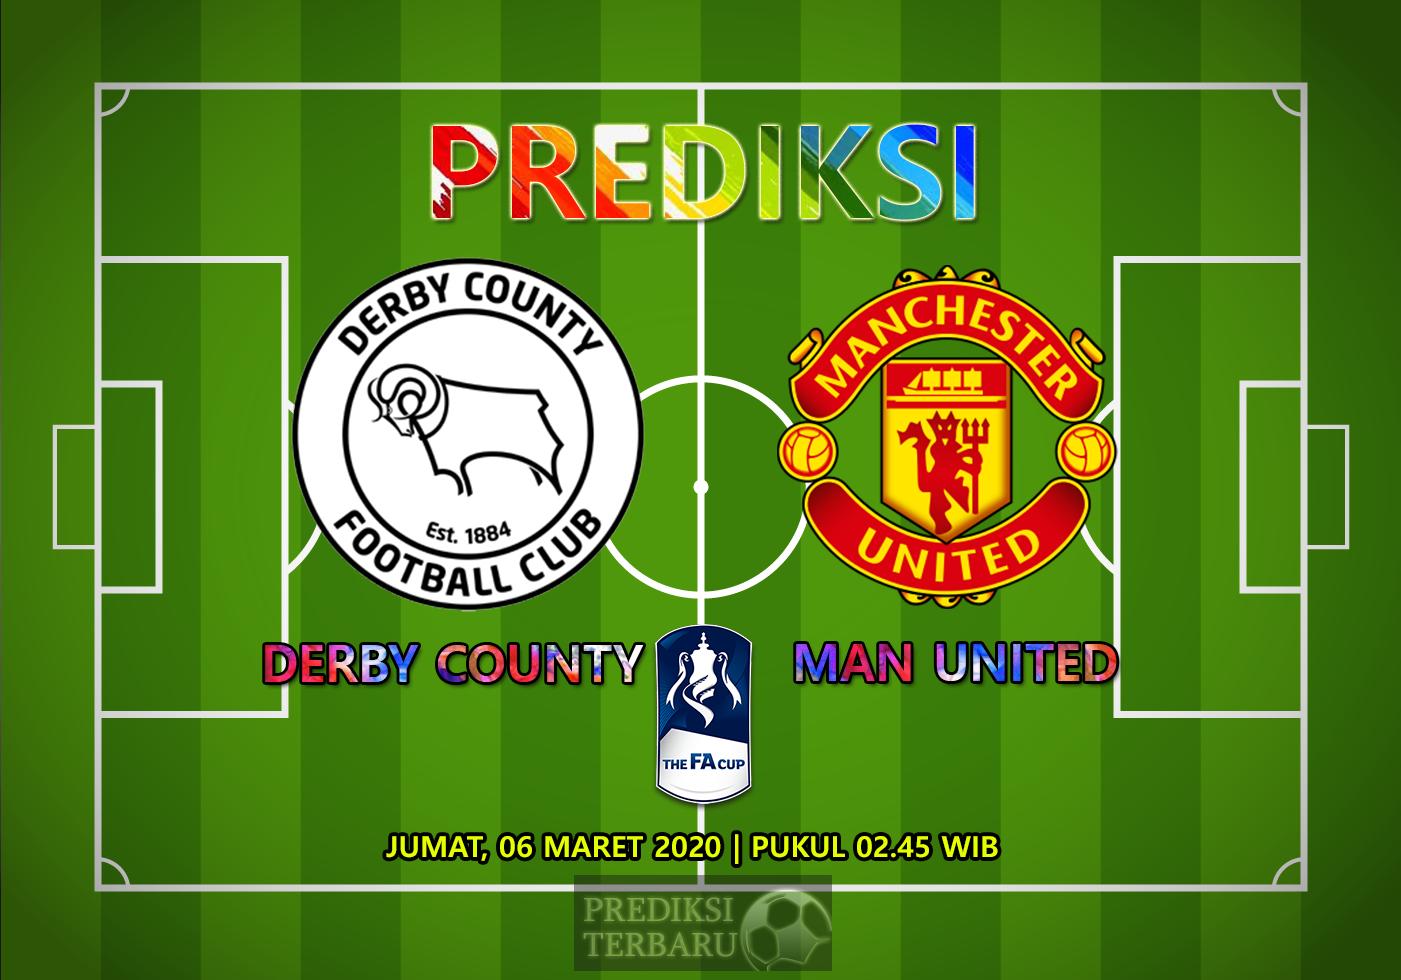 Prediksi Derby County Vs Manchester United Jumat 06 Maret